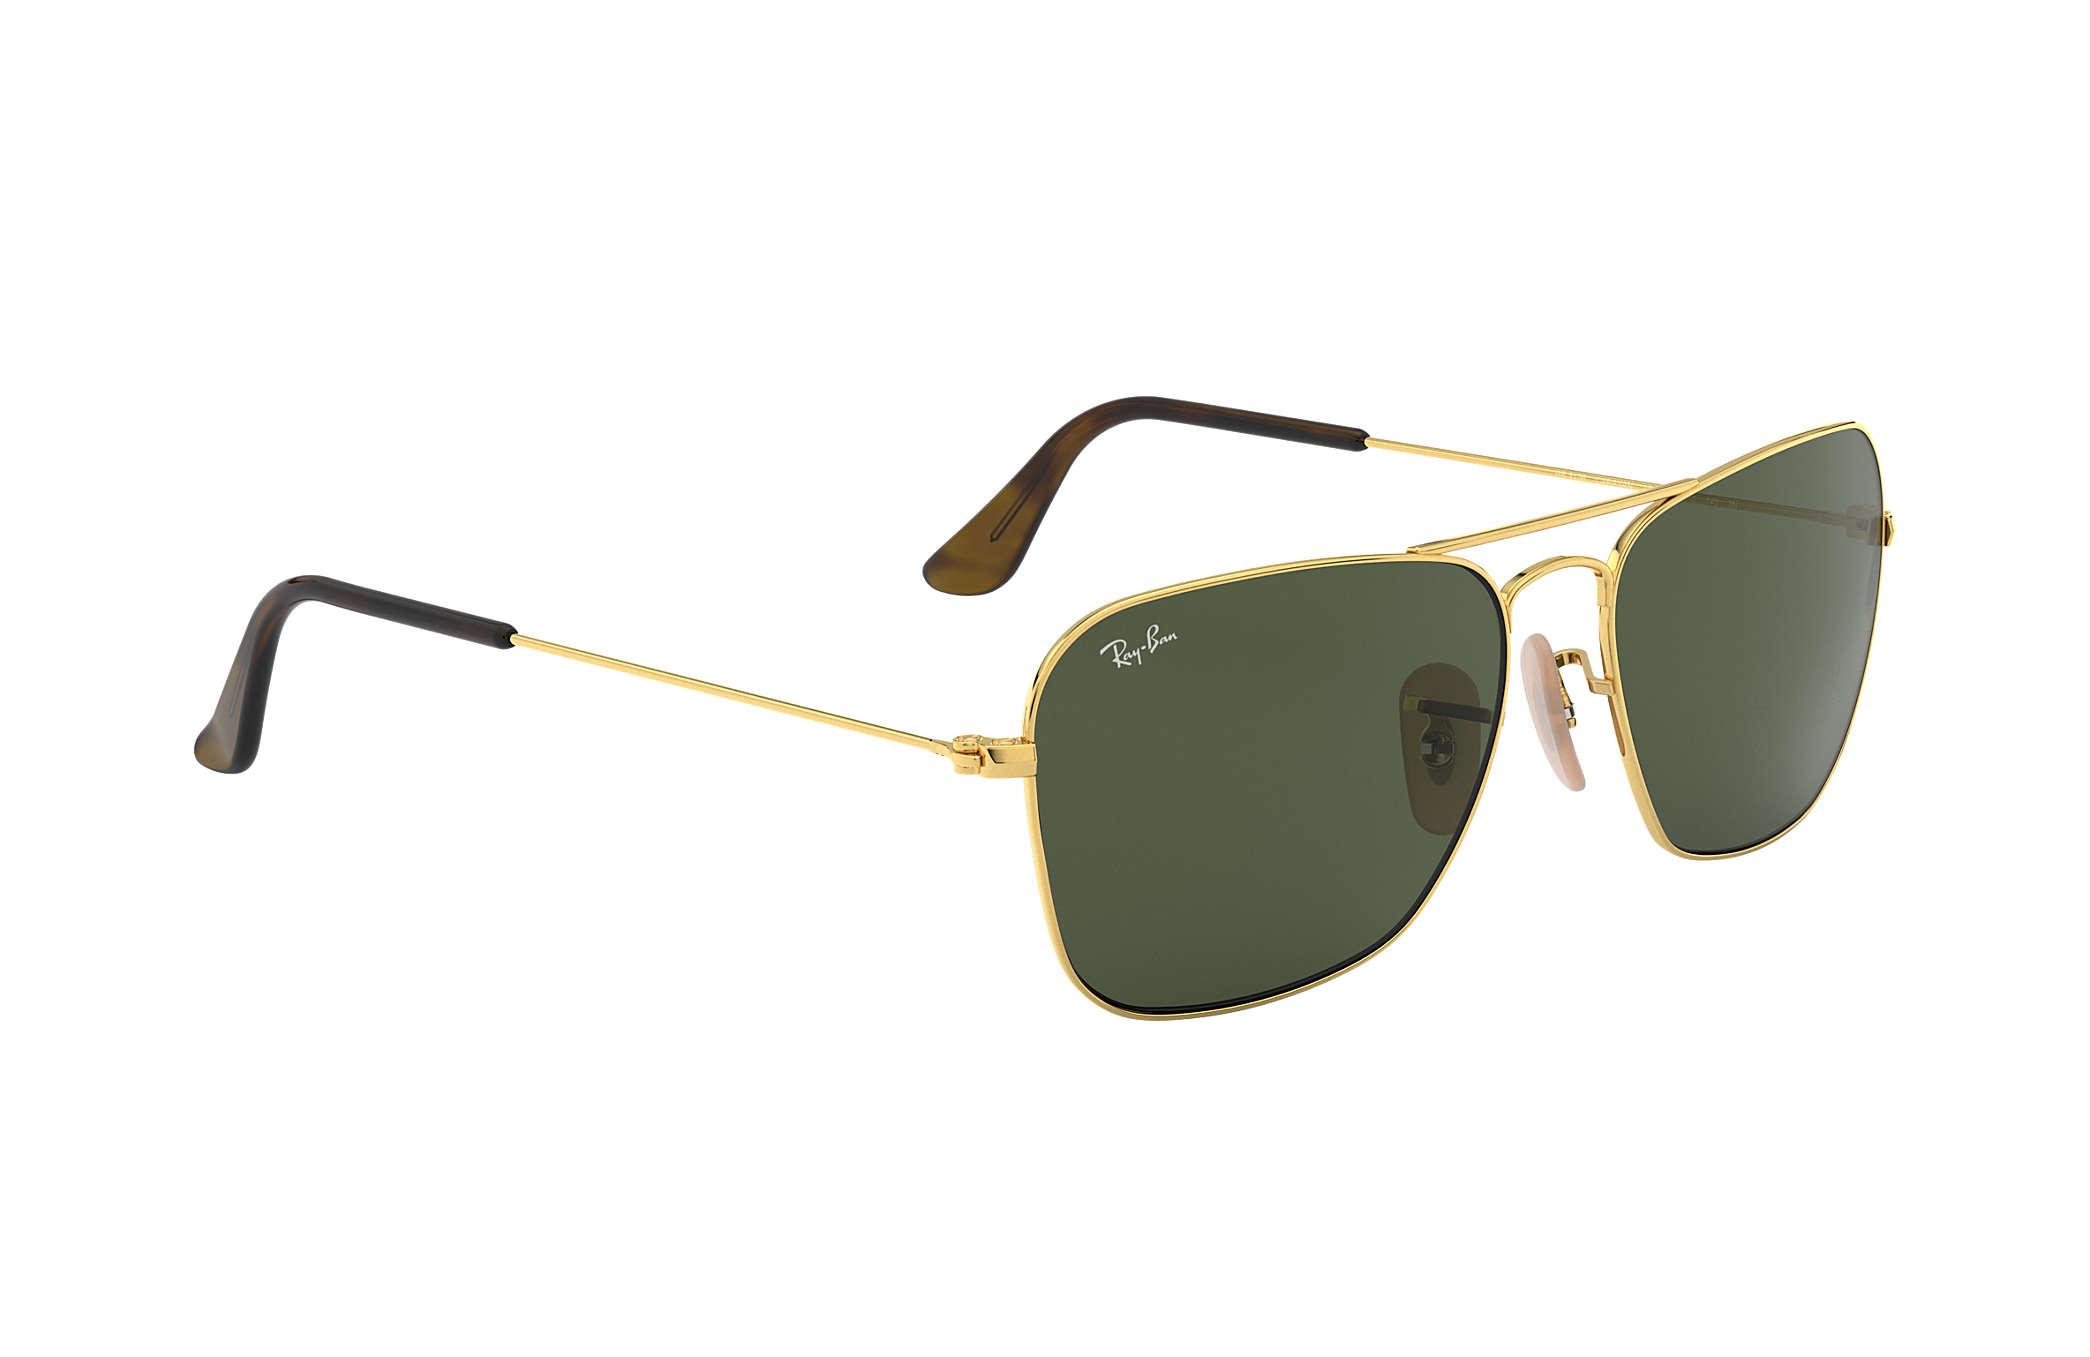 cdfbec56ff Ray-Ban Caravan RB3136 Gold - Metal - Green Lenses - 0RB313618155 ...